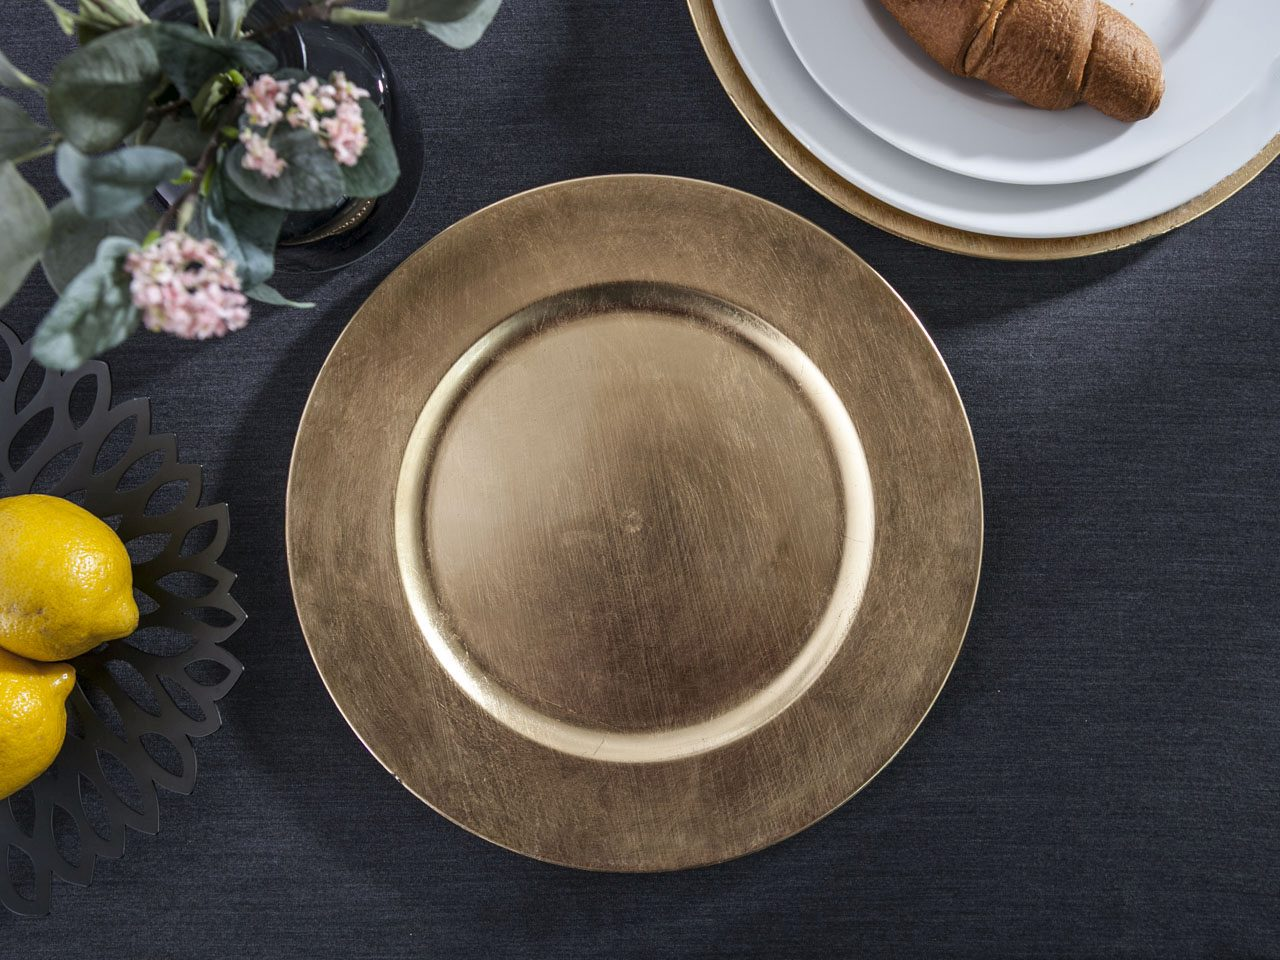 Podkładka pod talerz / na stół Altom Design Złota 33 cm